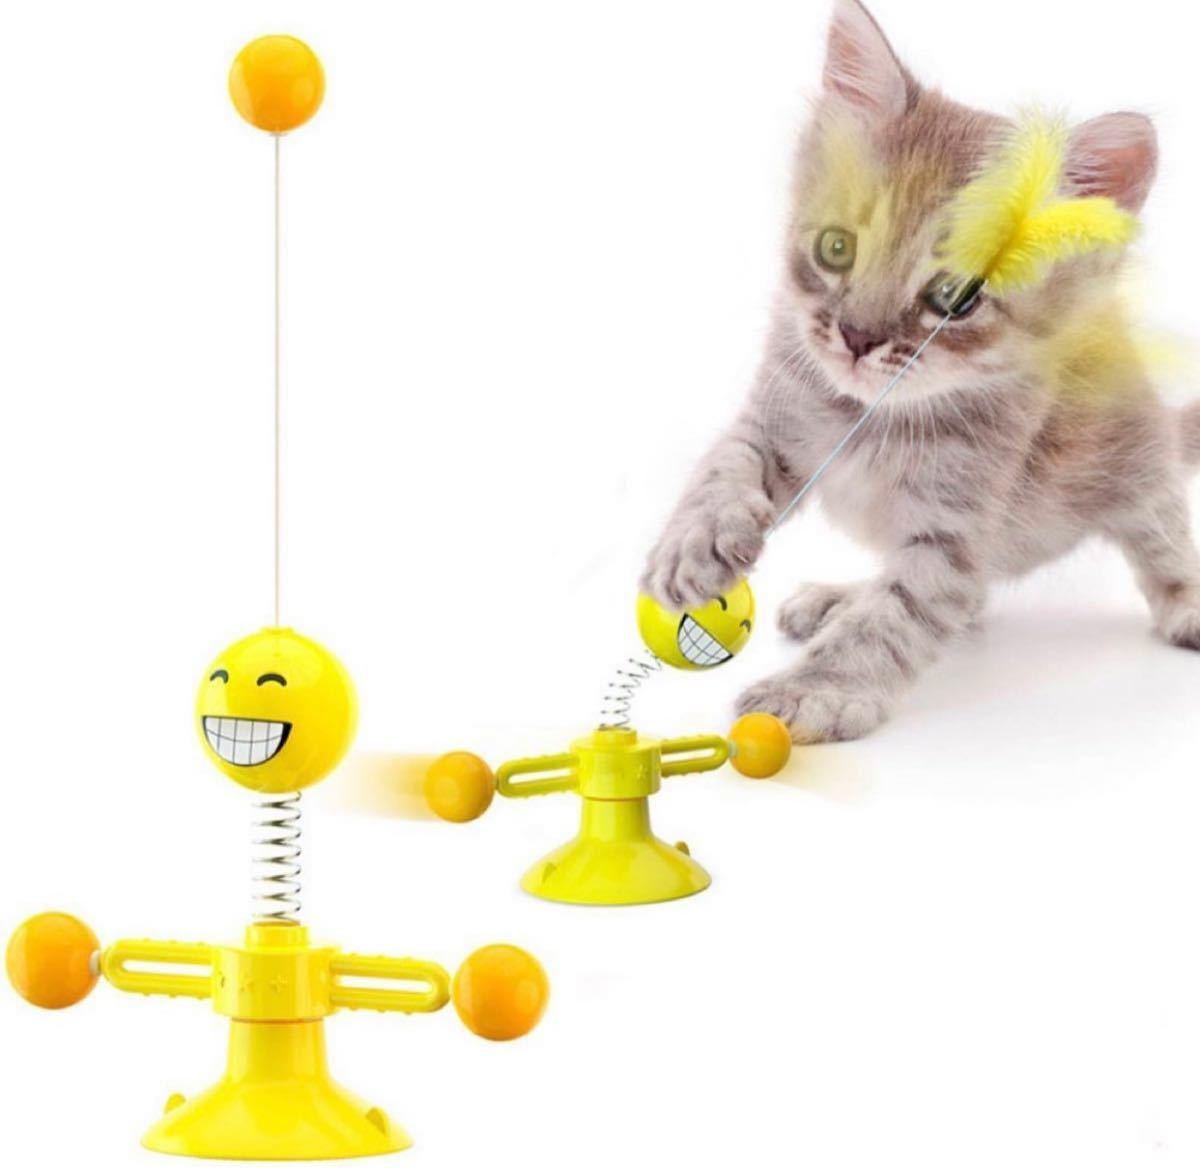 猫のおもちゃ 猫じゃらし 羽毛ばね猫棒からかうおもちゃ バランスターンテーブル 遊び道具 運動不足改善 ストレス解消対策